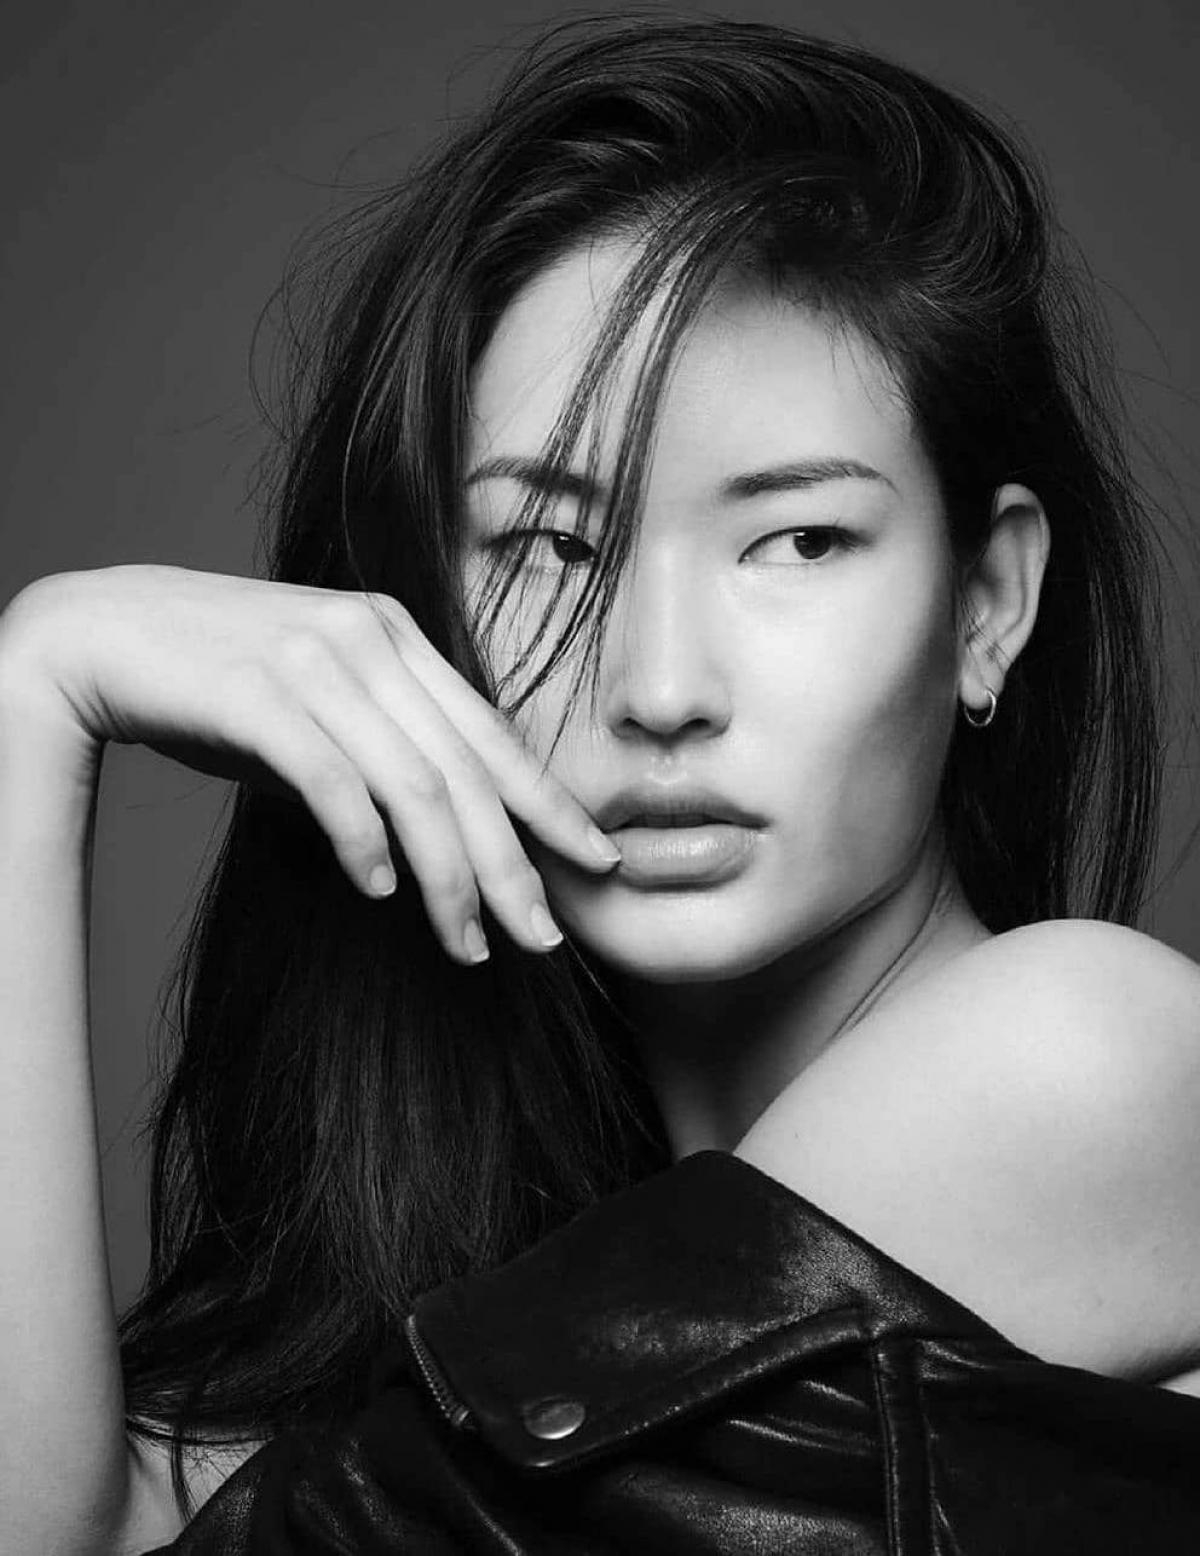 Sắc vóc 'chân dài' xứ Hàn đầu tiên gia nhập Victoria's Secret - Ảnh 6.